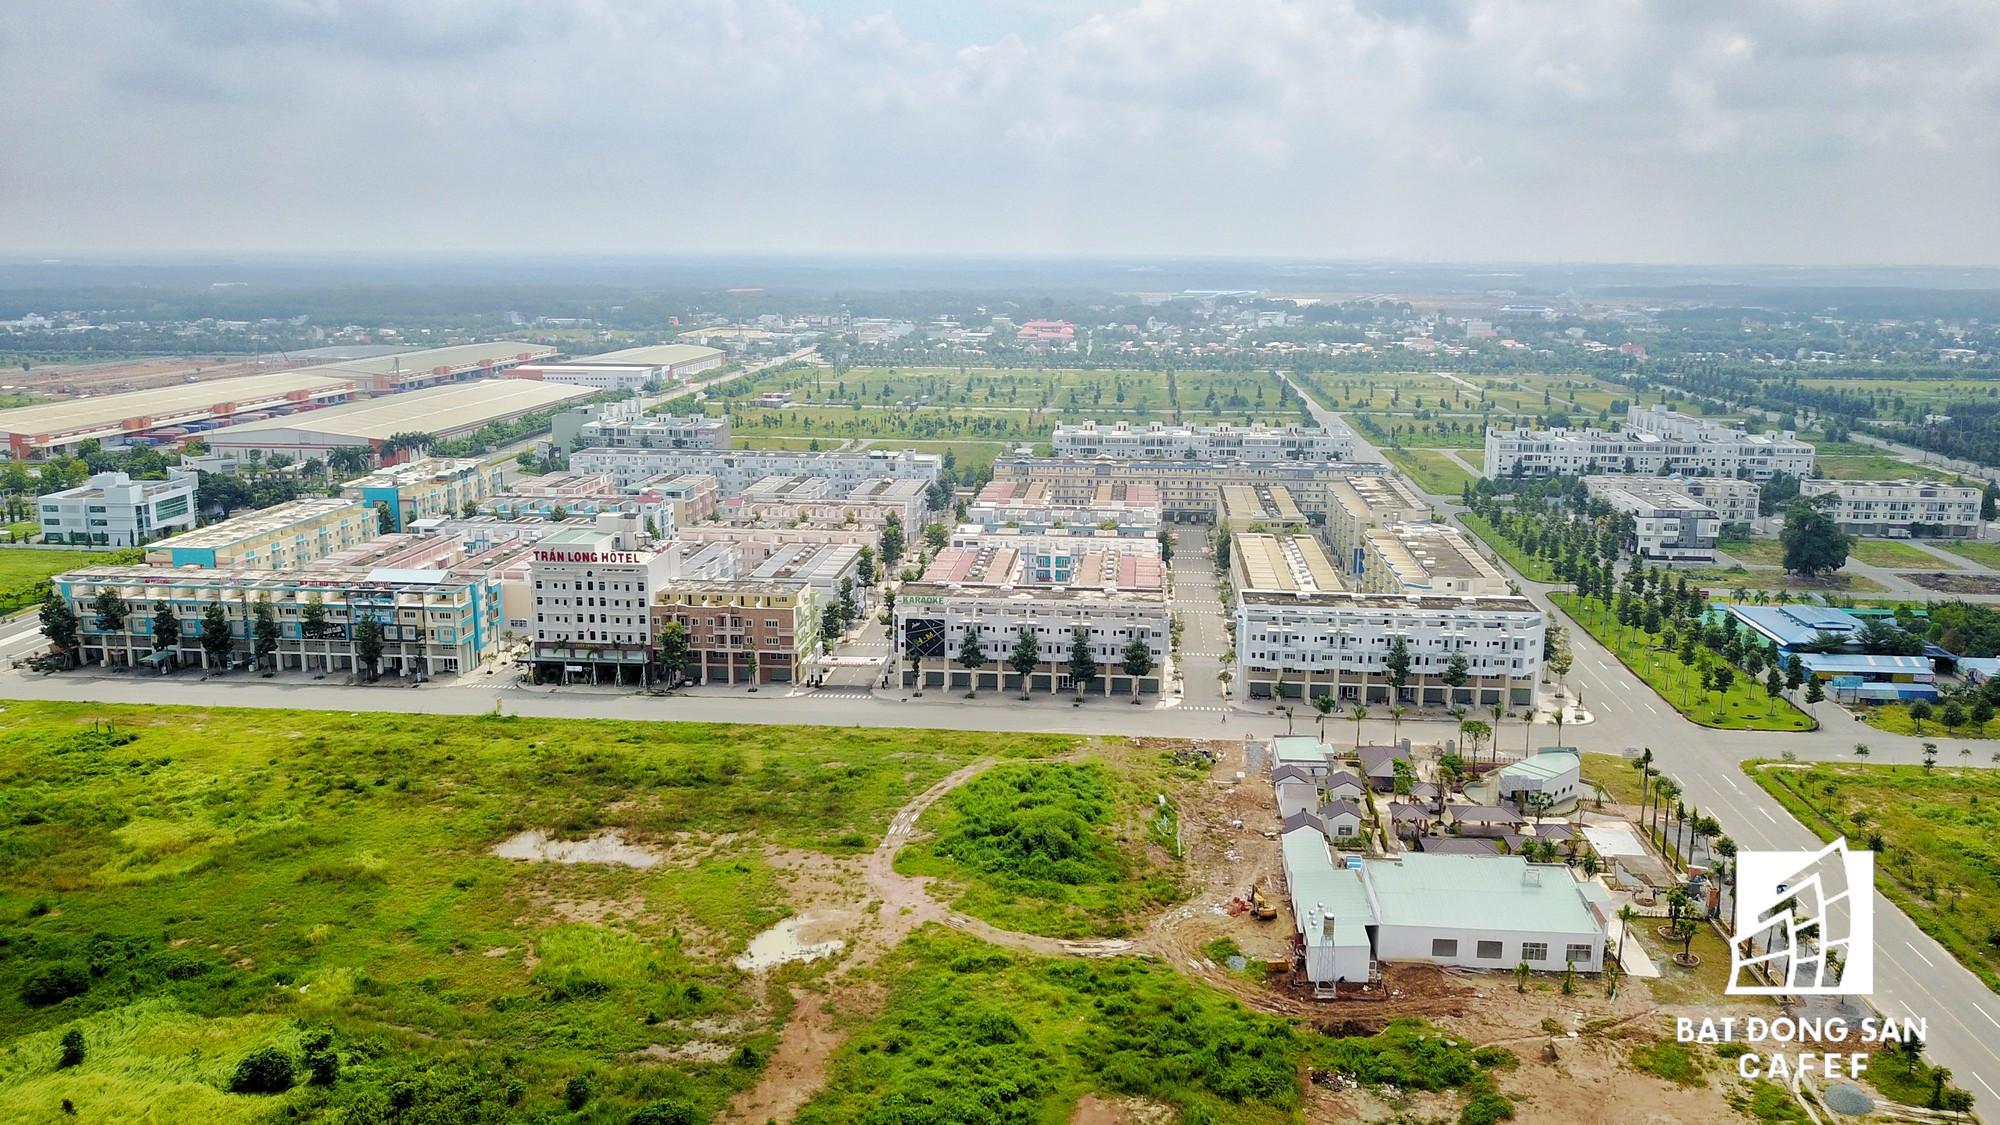 Dự án Thành phố mới Bình Dương rộng 1.000ha được xem là át chủ bài của Becamex trong thời gian qua. Sau gần 10 năm xây dựng, diện tích lớn đất ở đây vẫn còn trống nhiều, dù hạ tầng giao thông đã hoàn thiện.